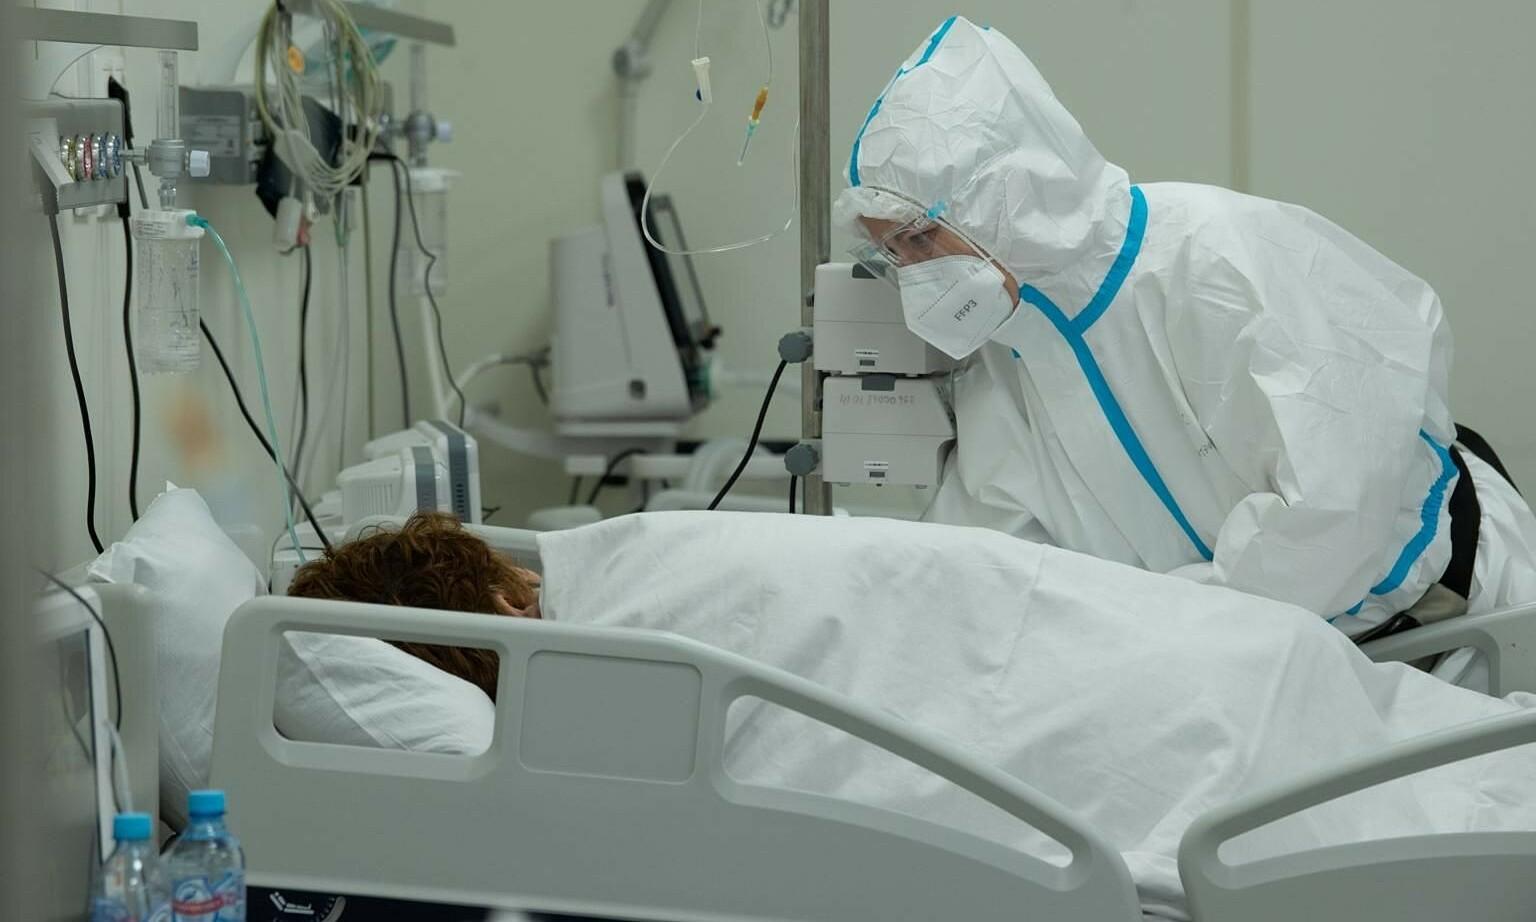 Một ca nhiễm nCoV triệu chứng nặng được điều trị trong khu hồi sức tích cực của Moskva. Ảnh: Reuters.